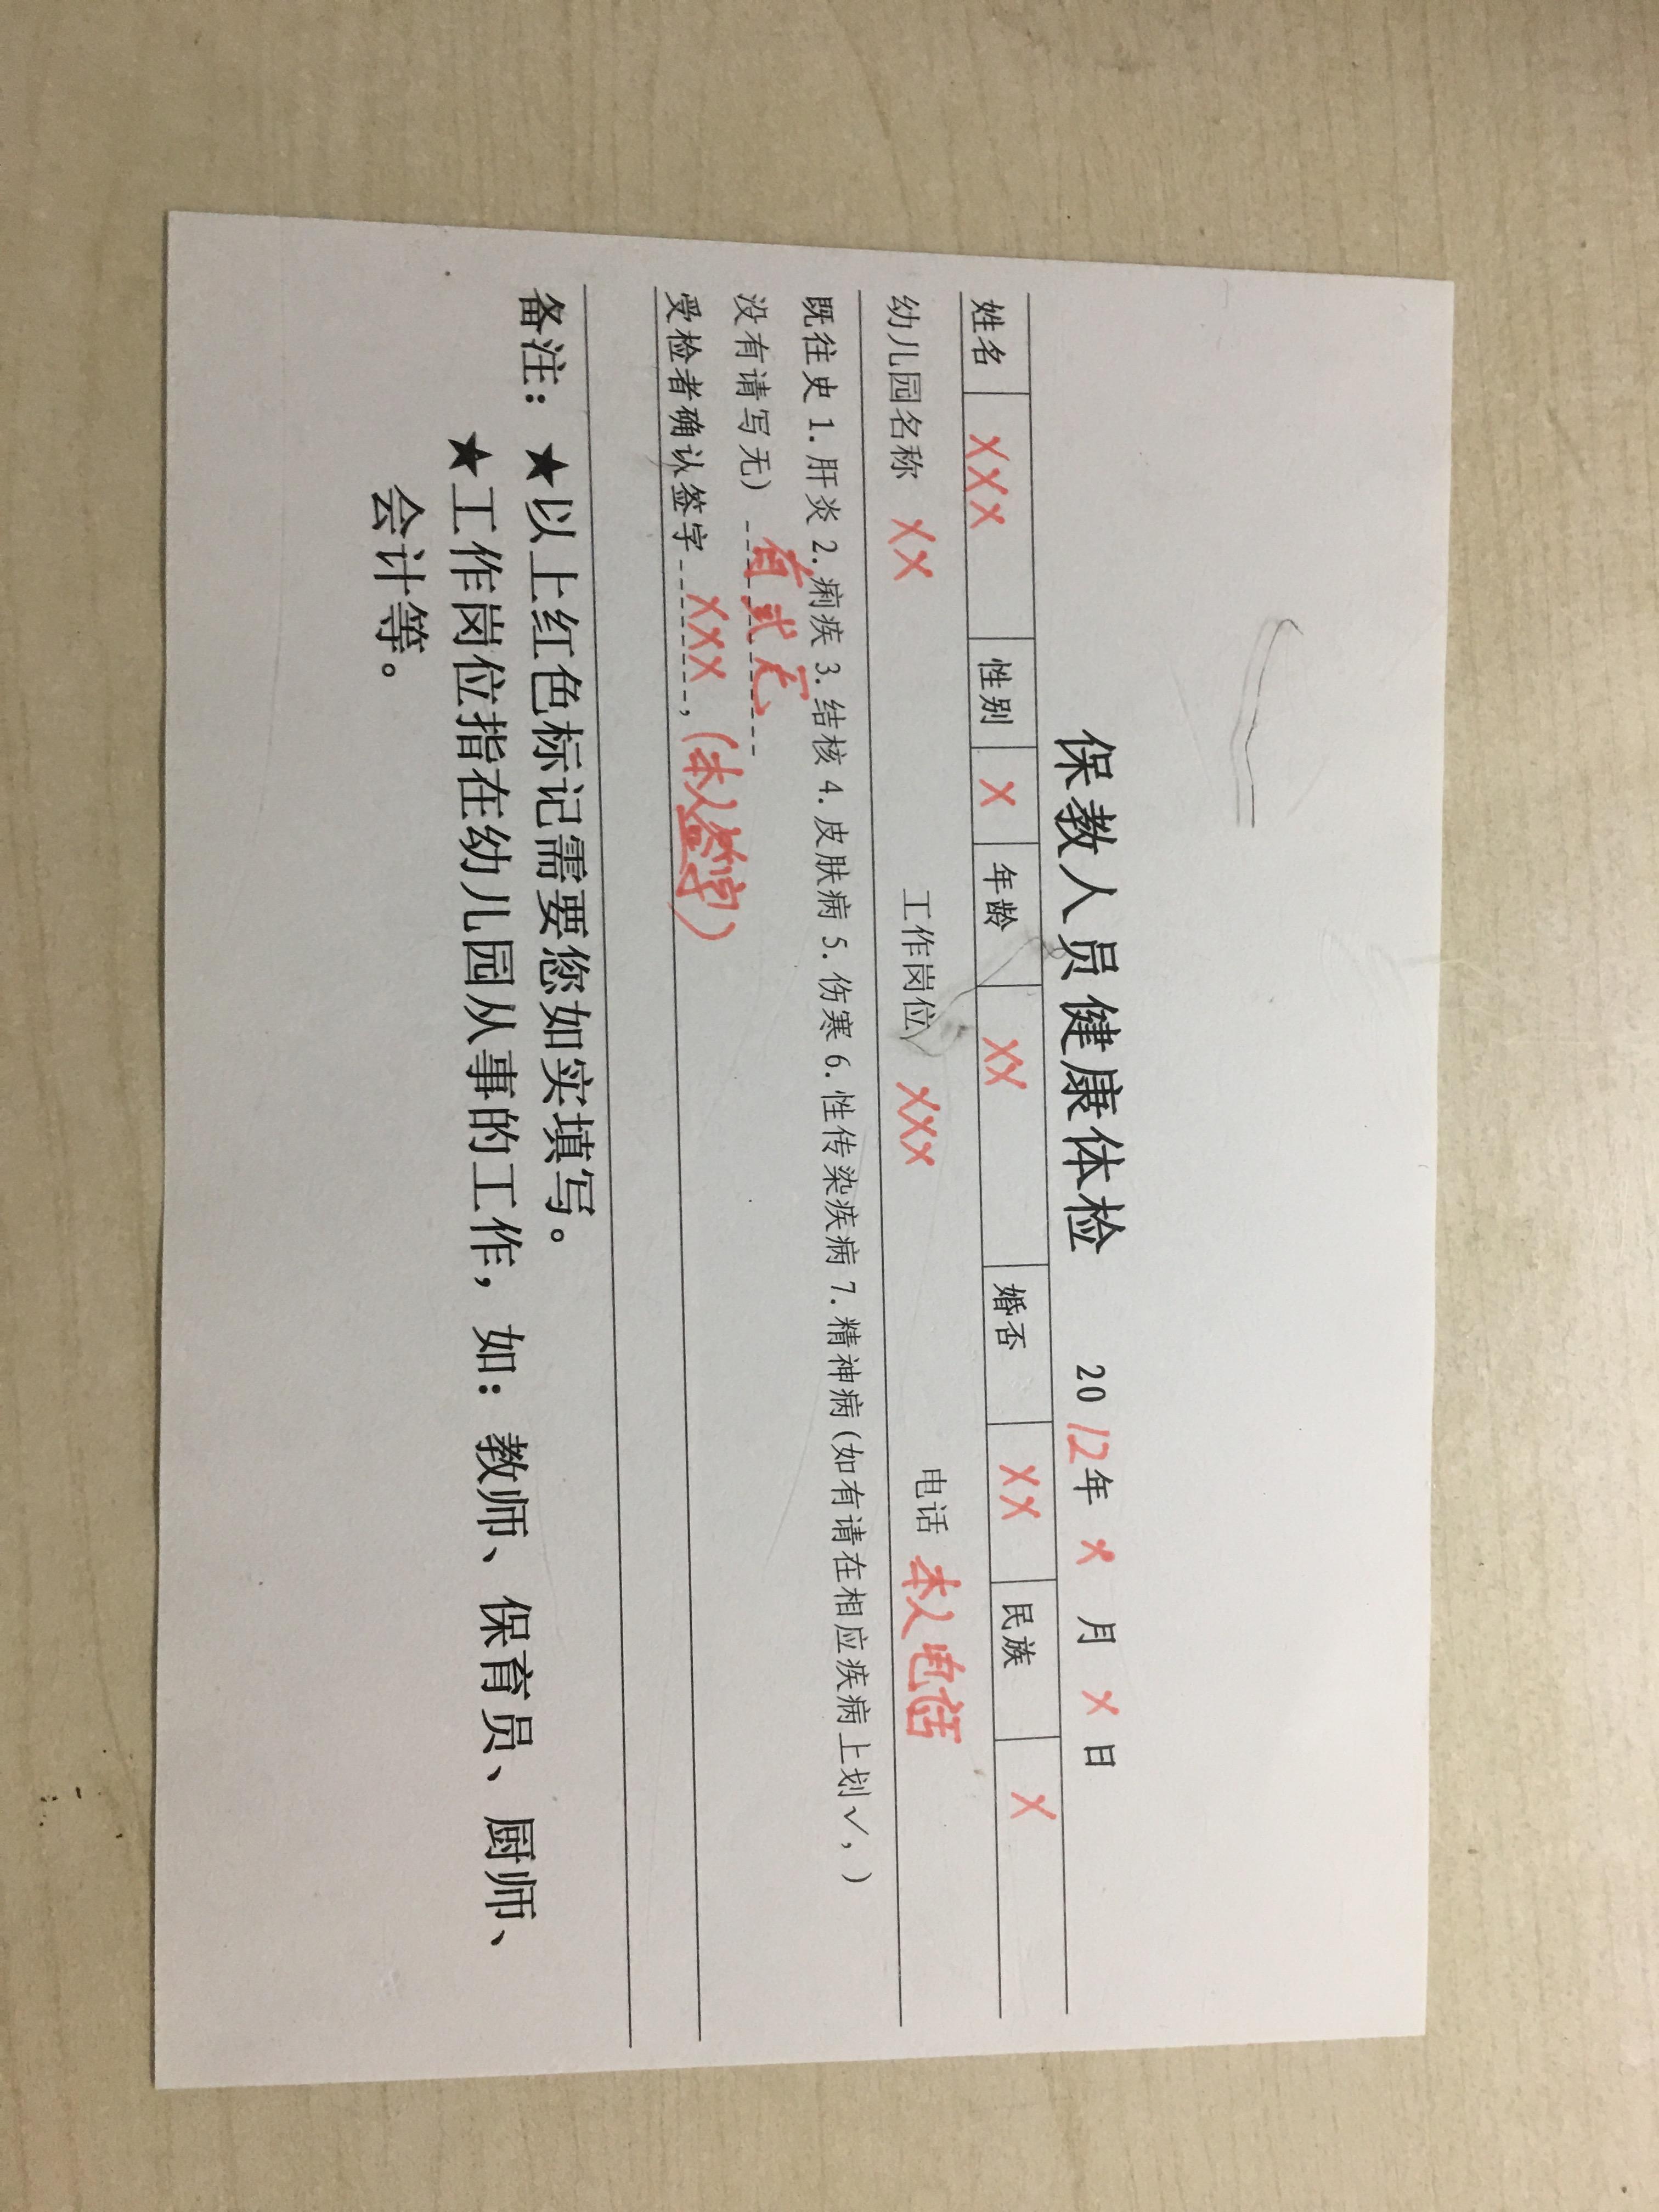 2C3420C6-0756-4A67-BA6D-9BD63192FE96.jpg